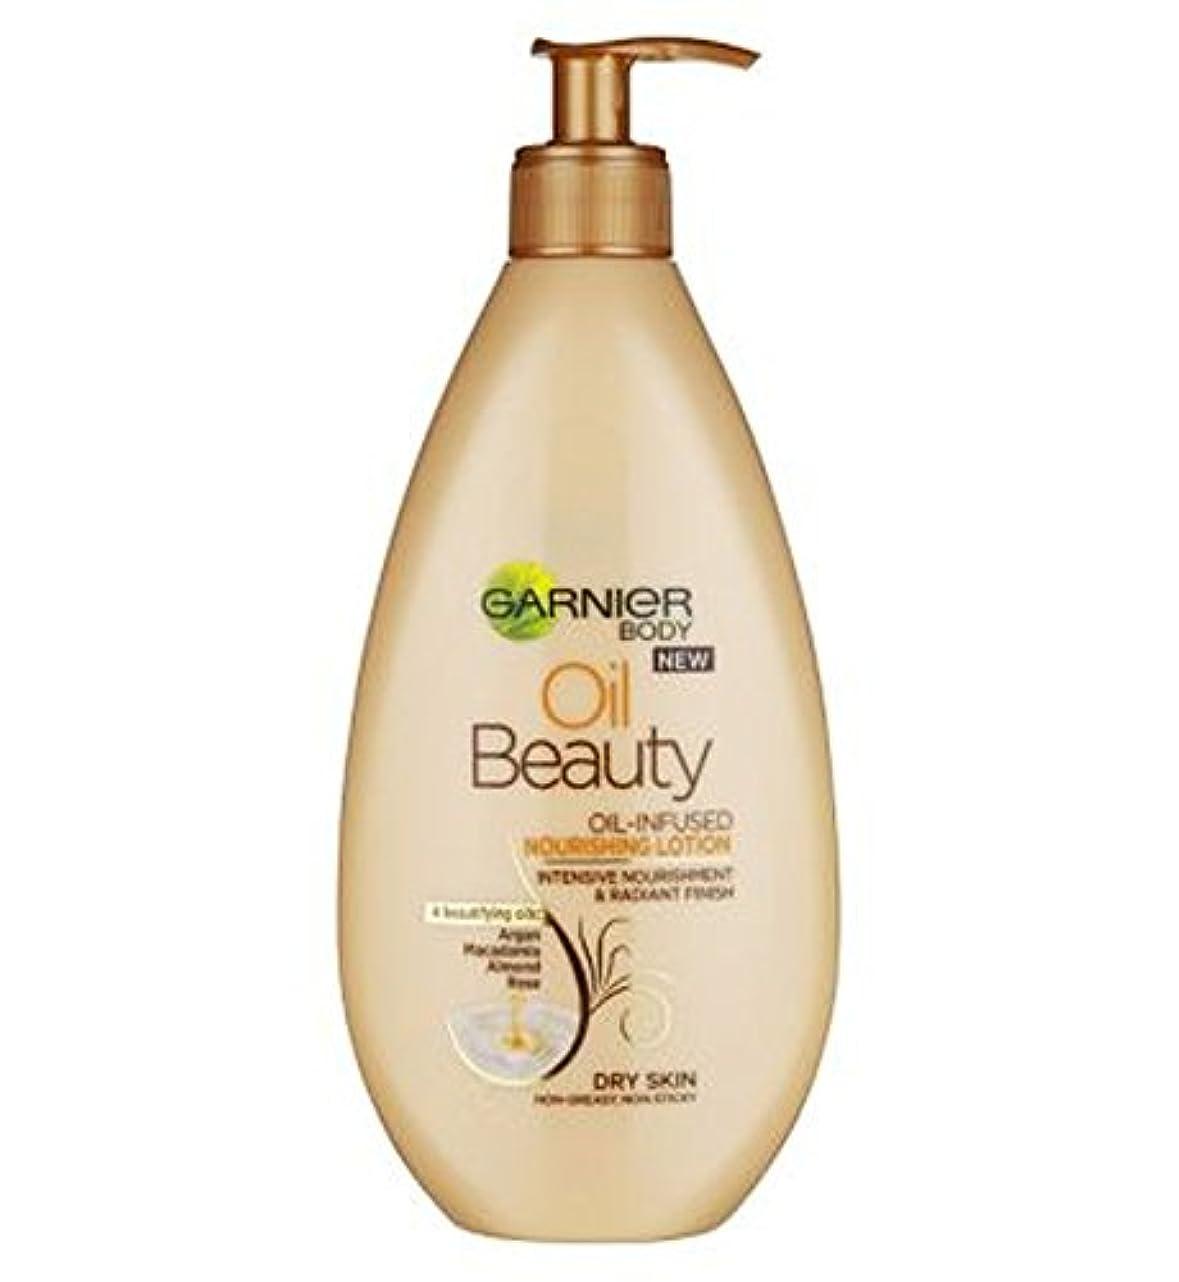 謝罪する後エンドテーブルガルニエ究極の美容オイル400ミリリットル (Garnier) (x2) - Garnier Ultimate Beauty Oil 400ml (Pack of 2) [並行輸入品]